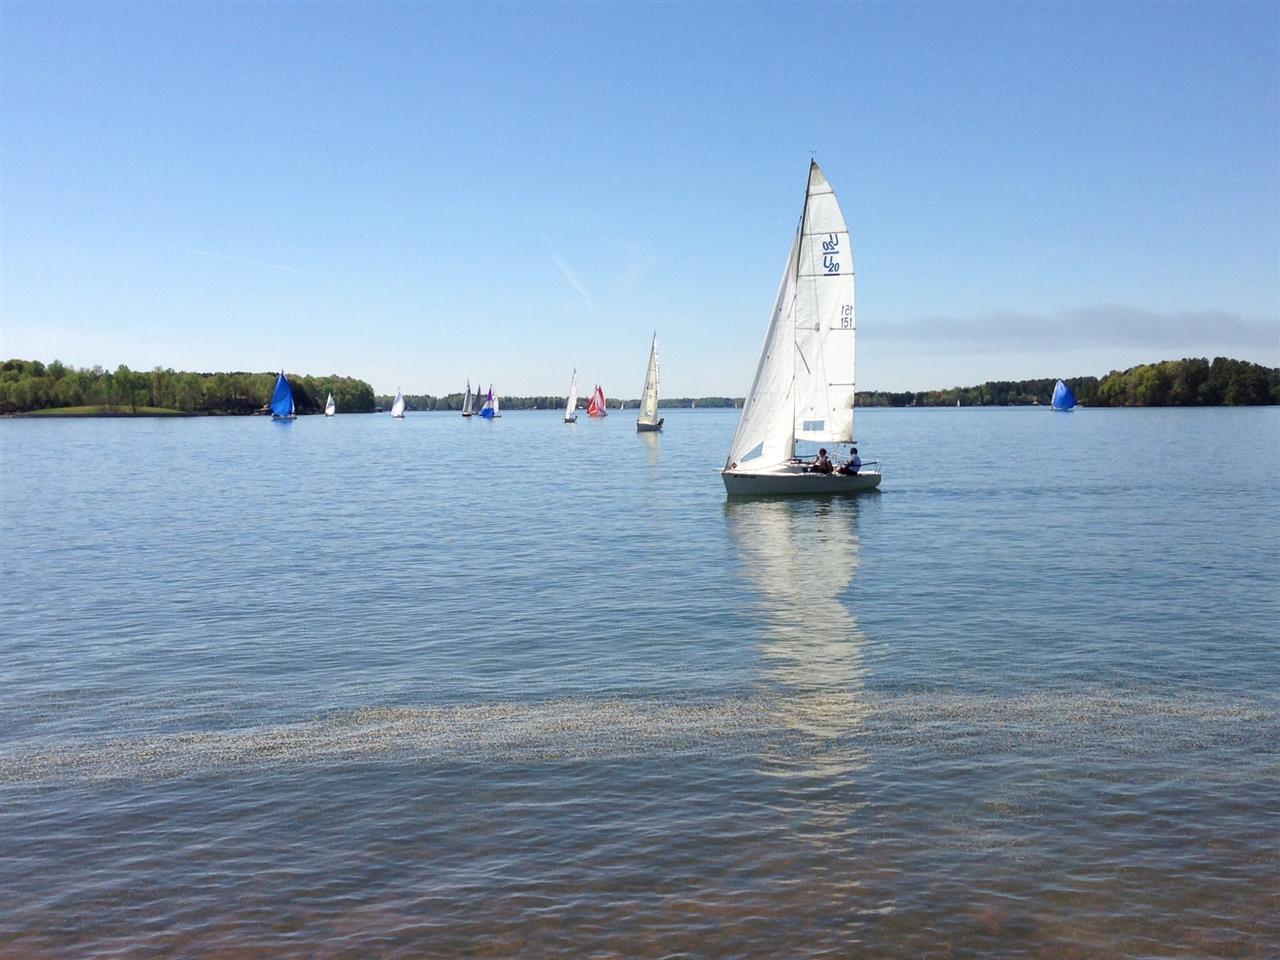 Saturday Regatta, Lake Norman